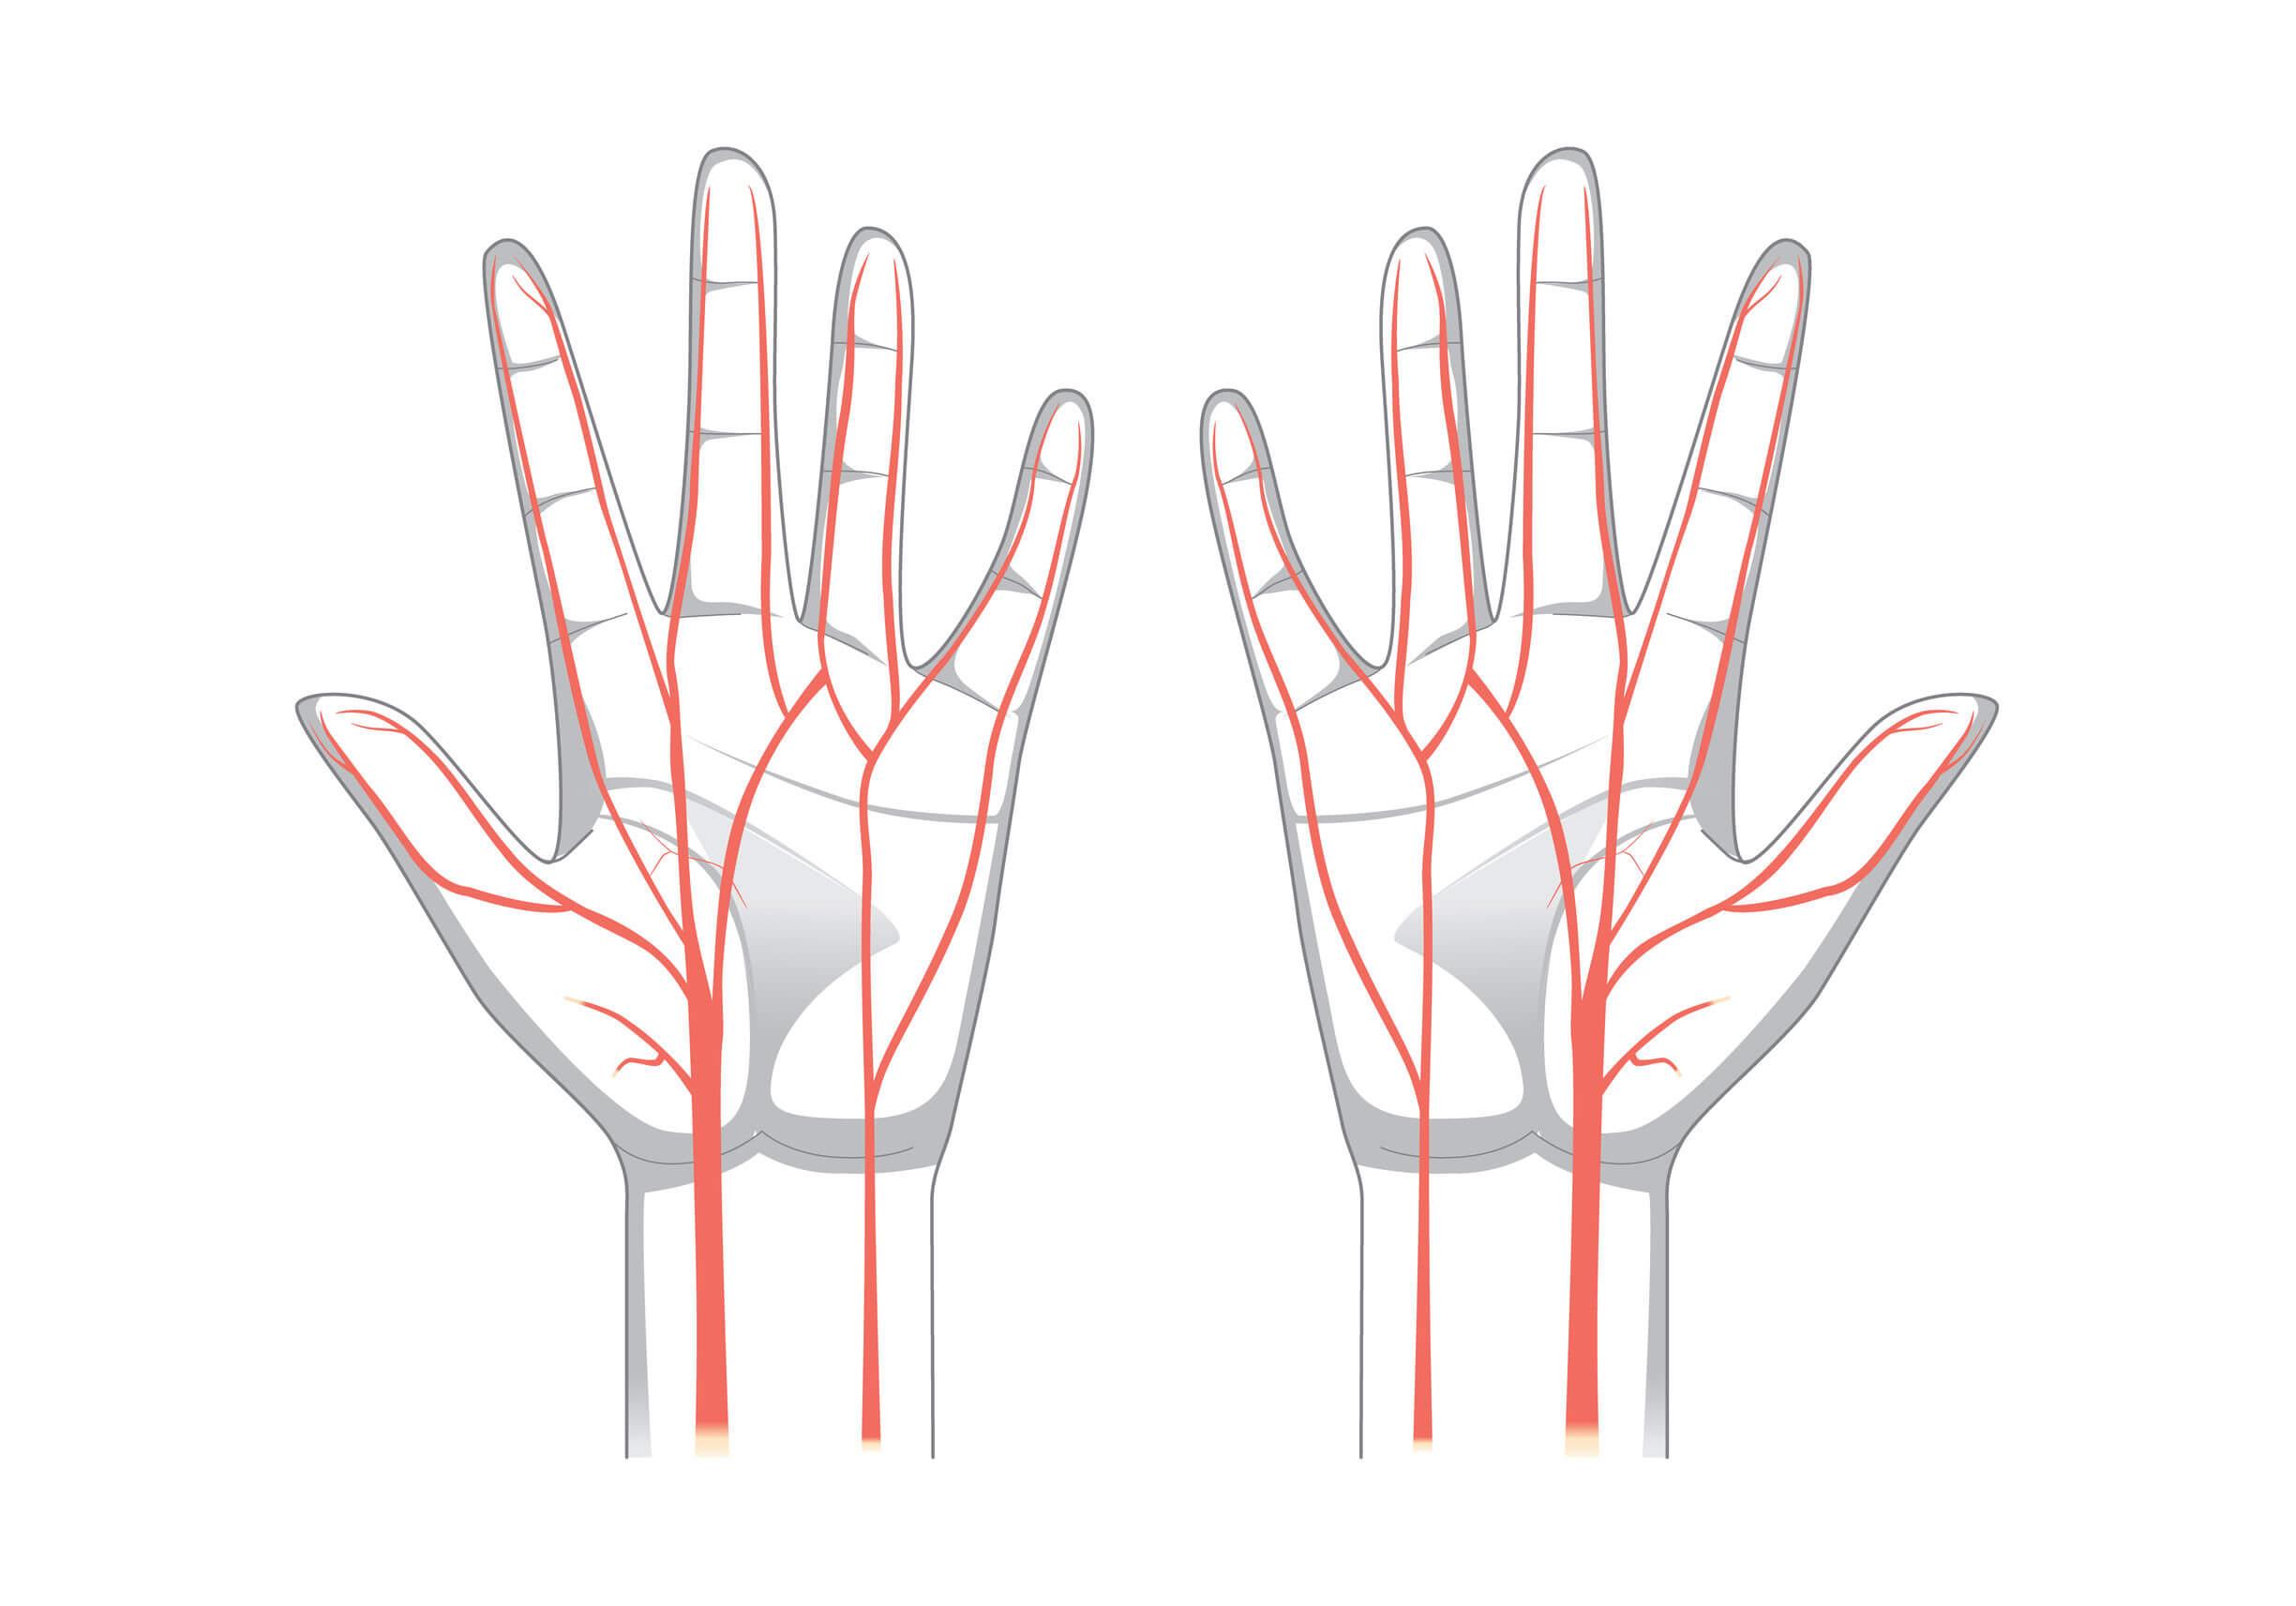 La punción y canulación arterial es una técnica sencilla.